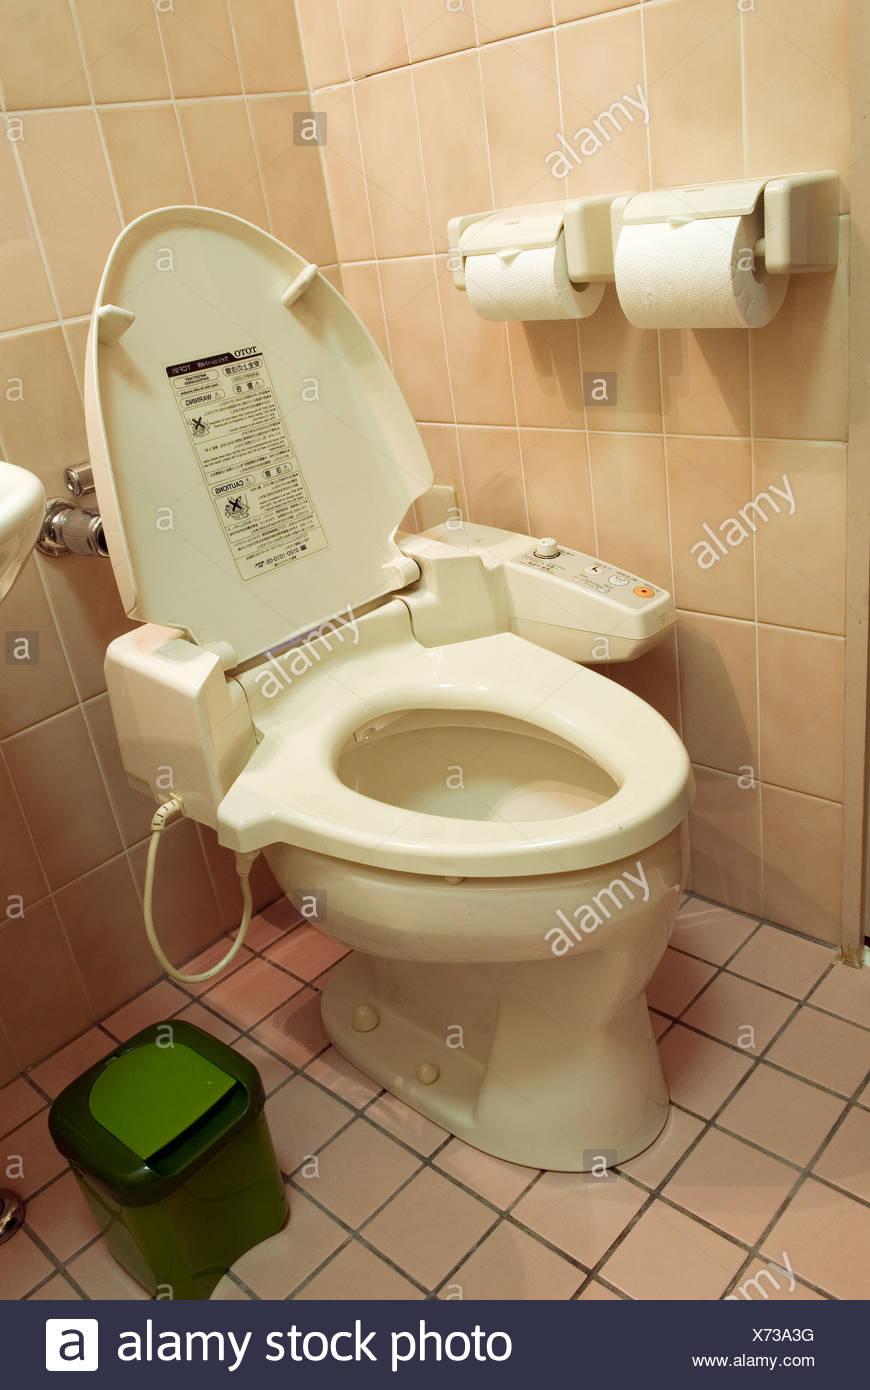 Japanische Toilette anspruchsvolle japanische toilette stockfoto bild 279742276